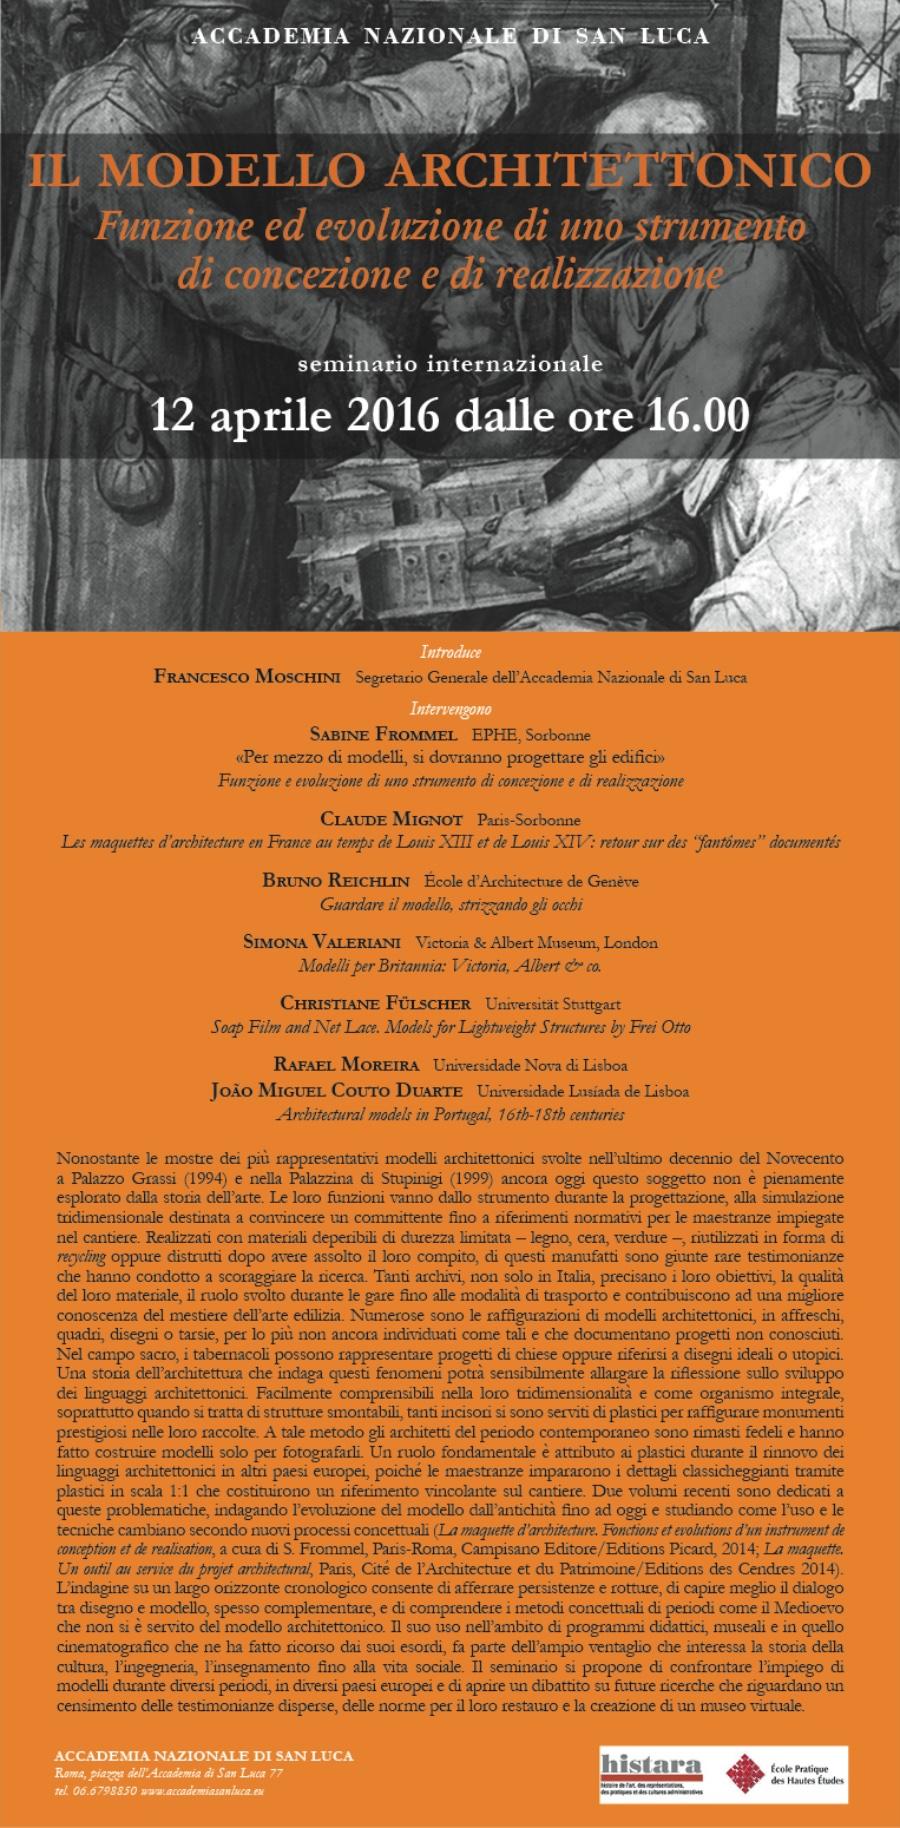 locandina seminario internazionale Il Modello Architettonico